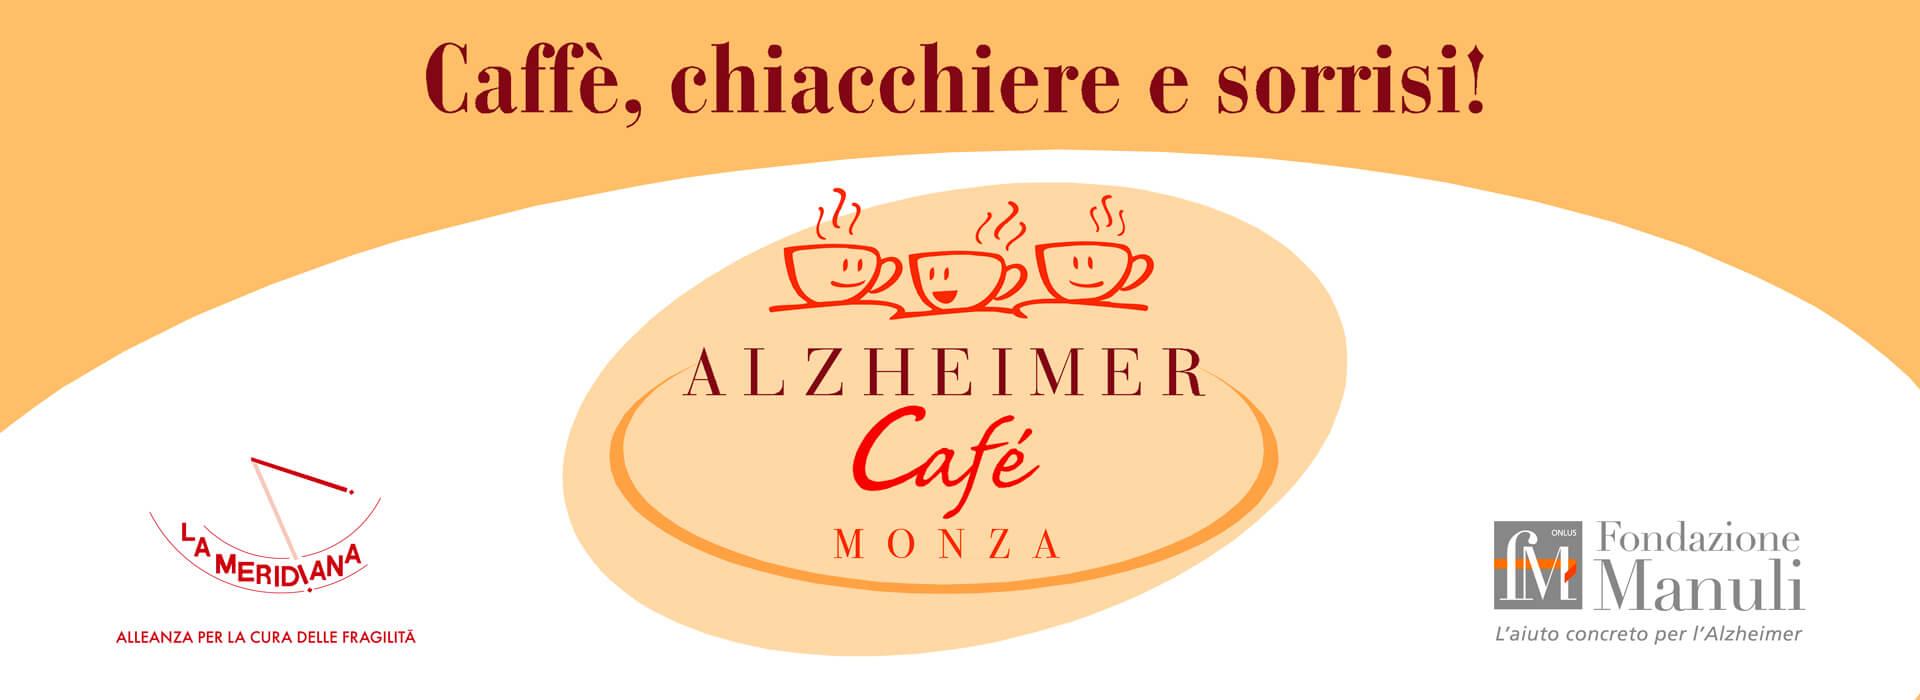 Alzheimer Cafè Monza